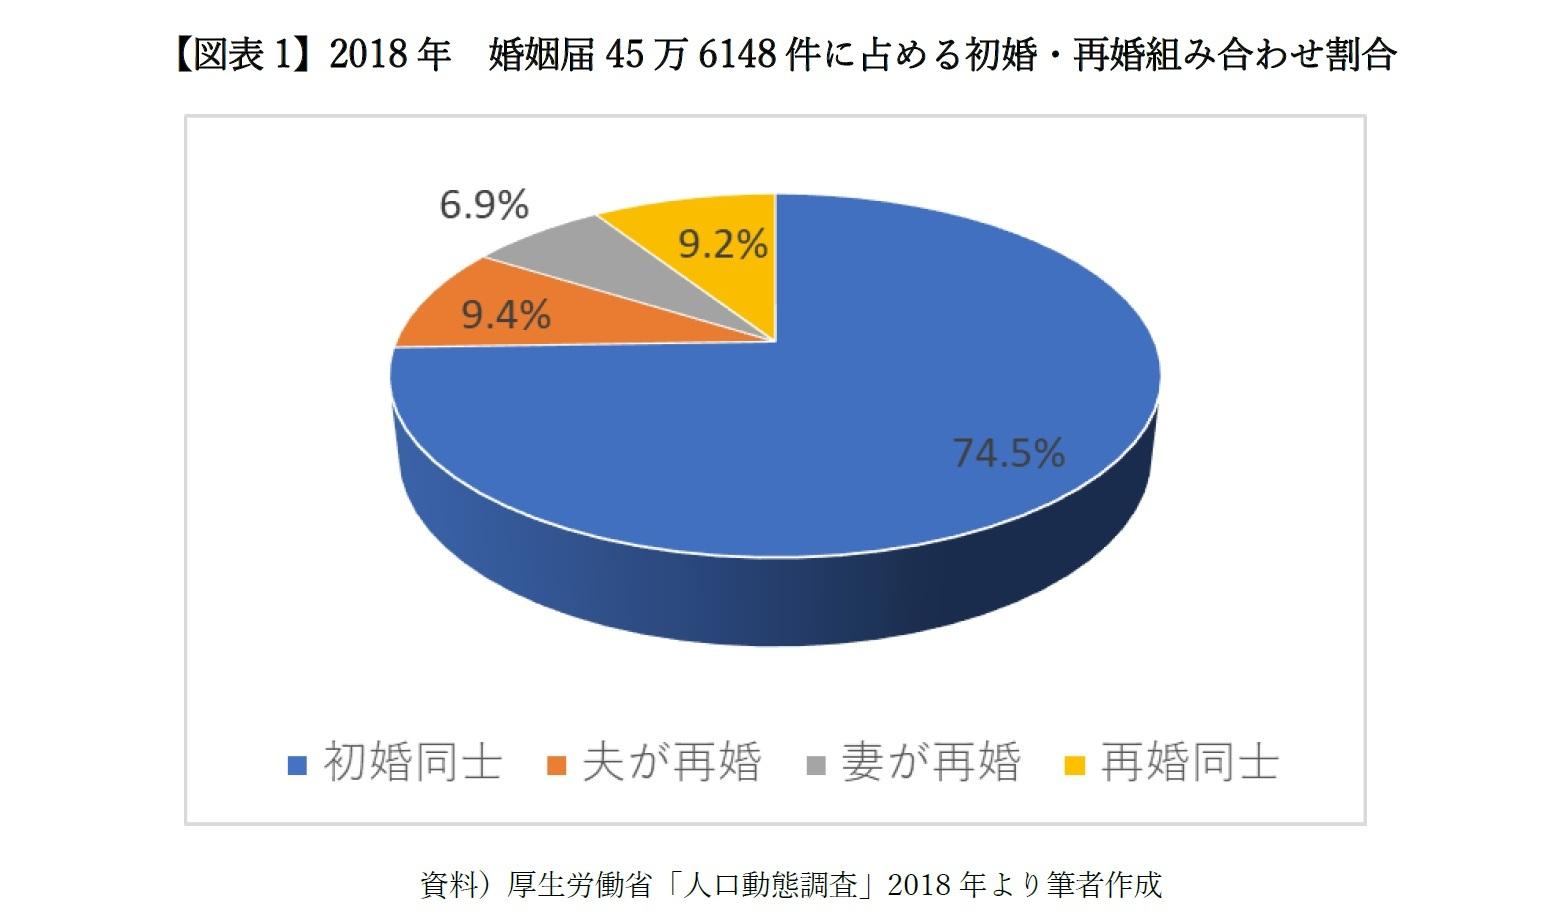 【図表1】2018年 婚姻届45万6148件に占める初婚・再婚組み合わせ割合